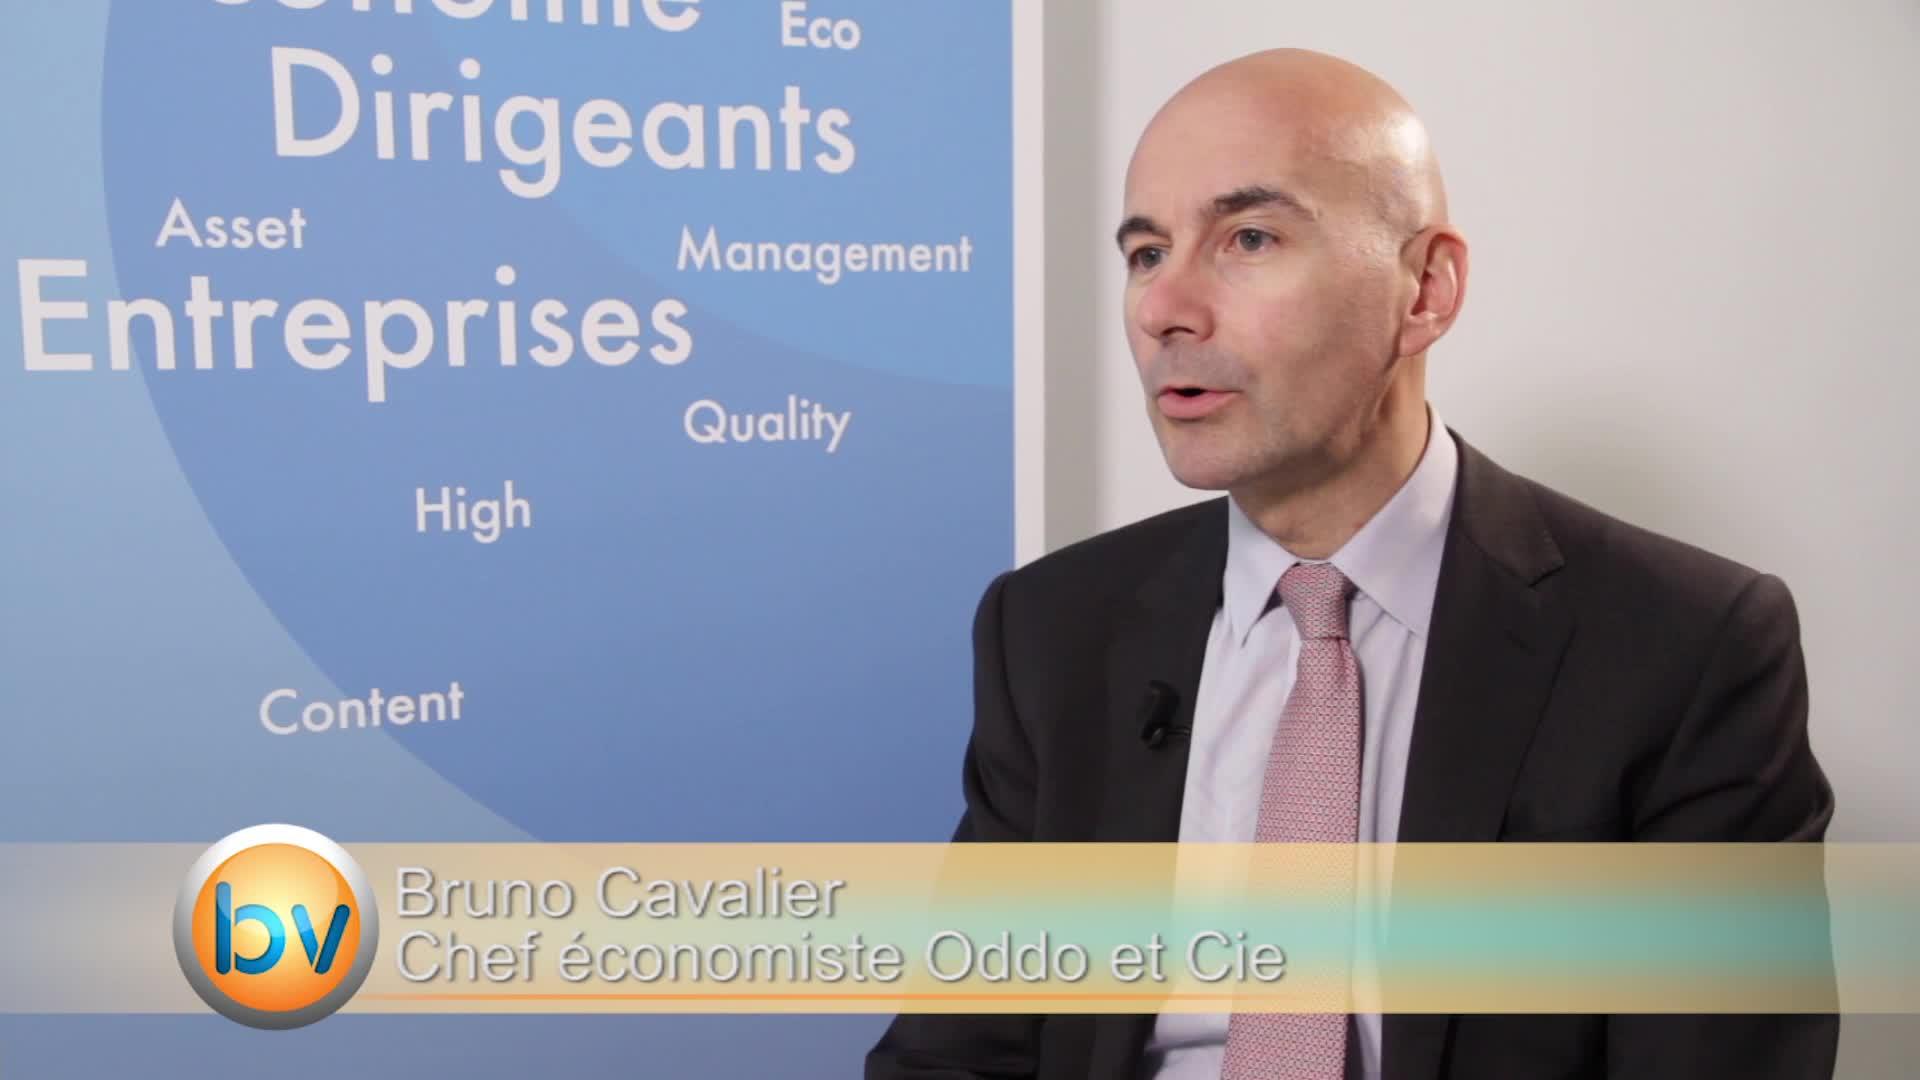 """Bruno Cavalier Chef économiste Oddo et Cie : """"L'économie américaine est en bonne forme"""" : Actualités économique et financière : Perspectives"""